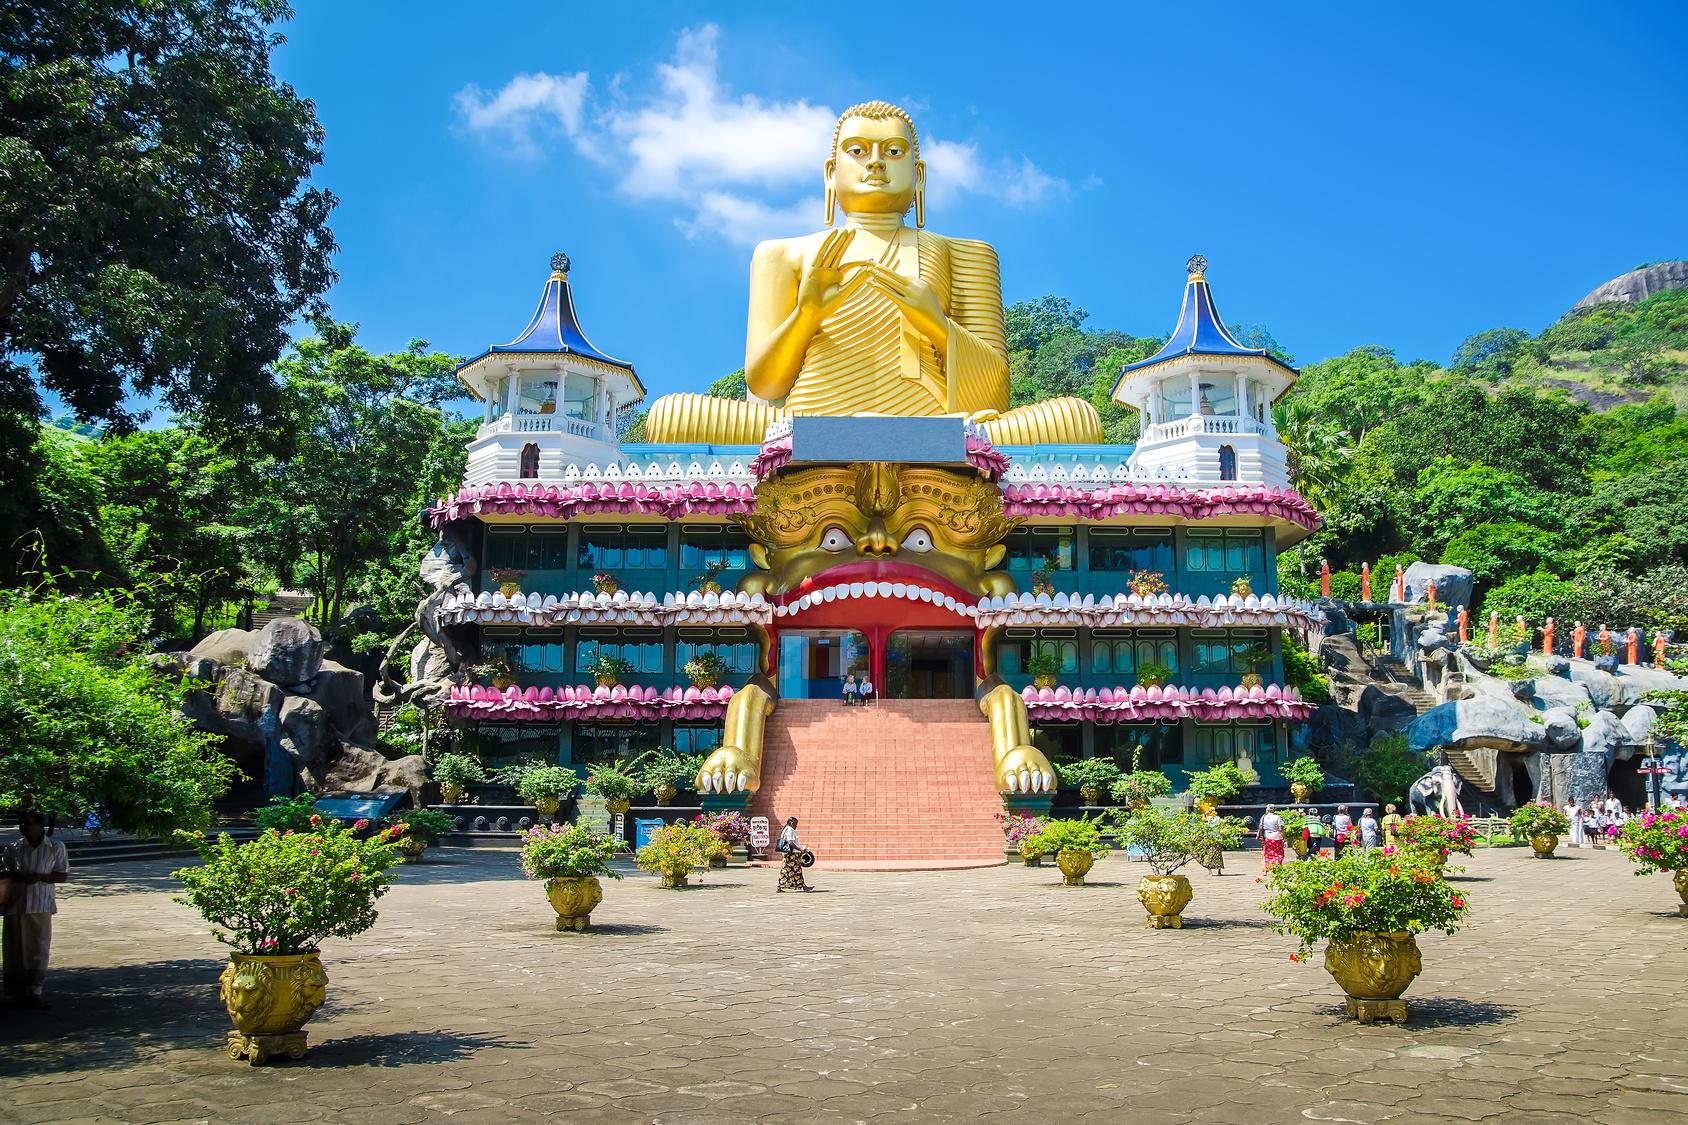 Sprawdź ofertę wycieczek objazdowych do Sri Lanki